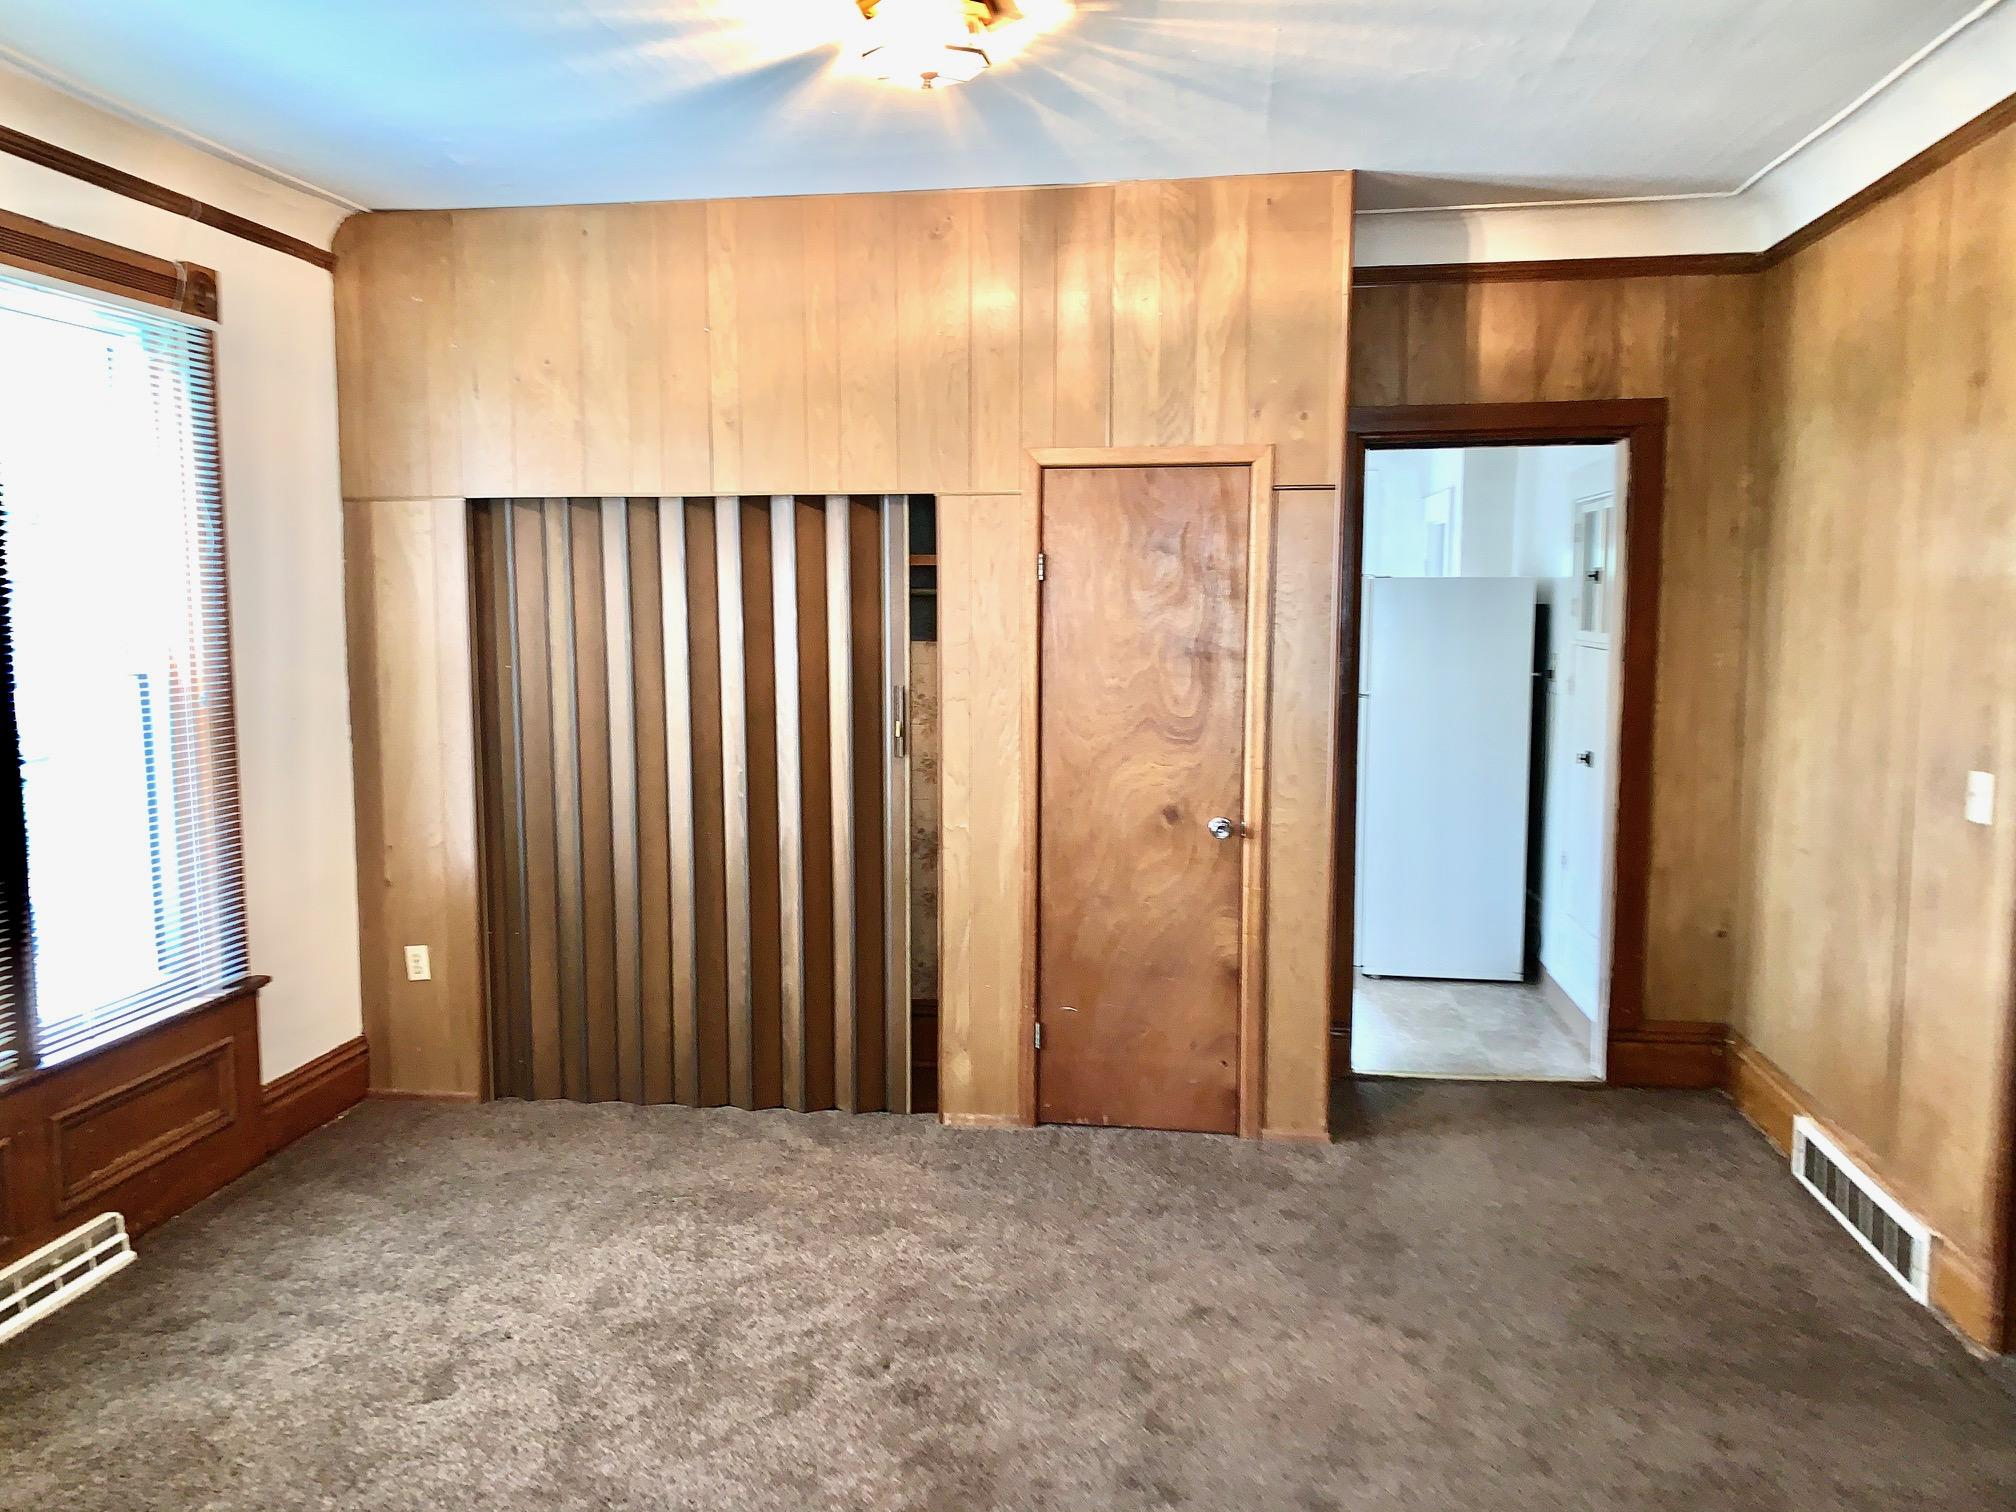 309 N Church St pic lower apartment 3